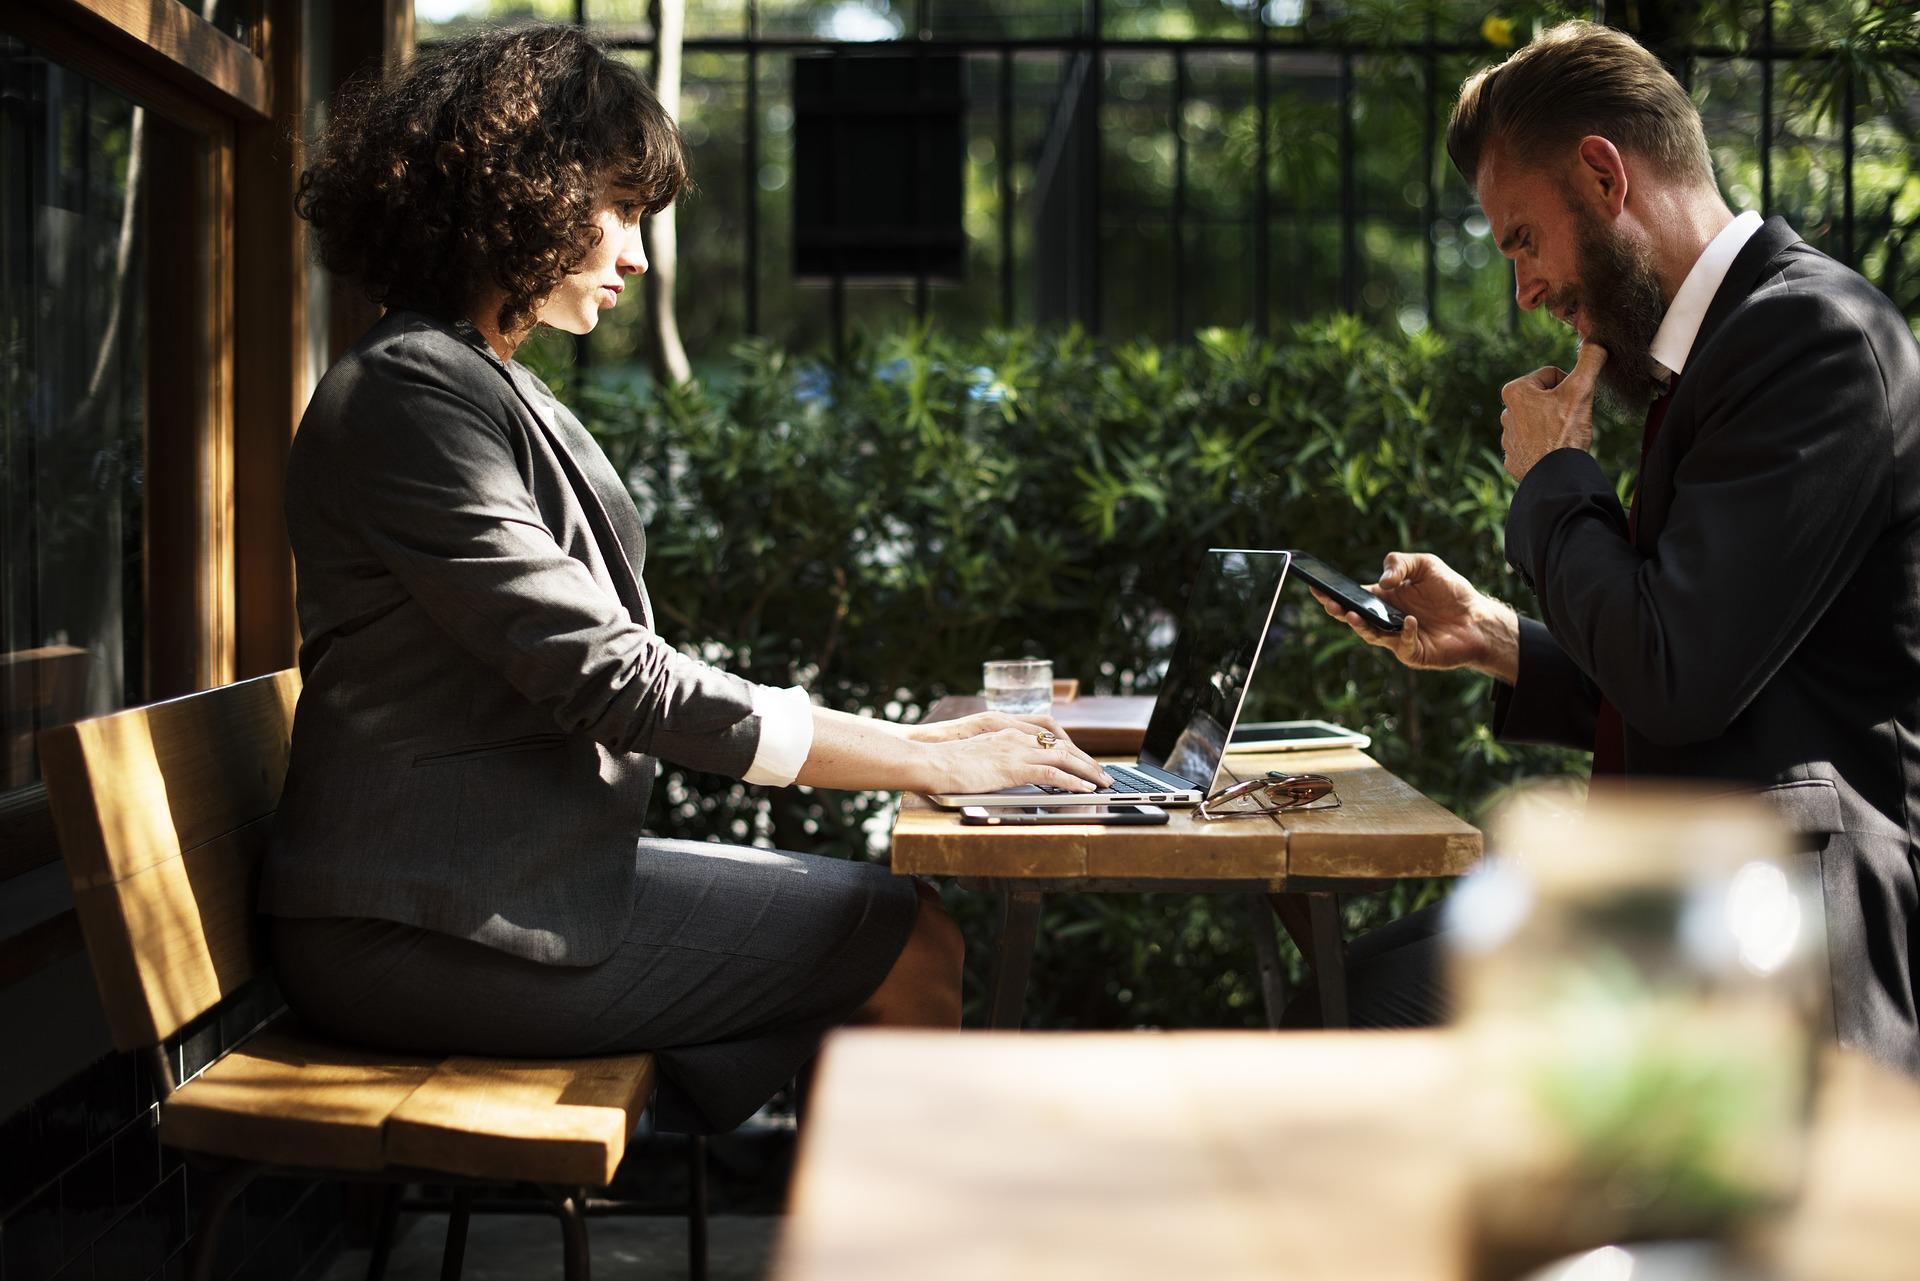 顧客管理をする目的は? 代表的な管理方法と事前に確認したい3つのポイント